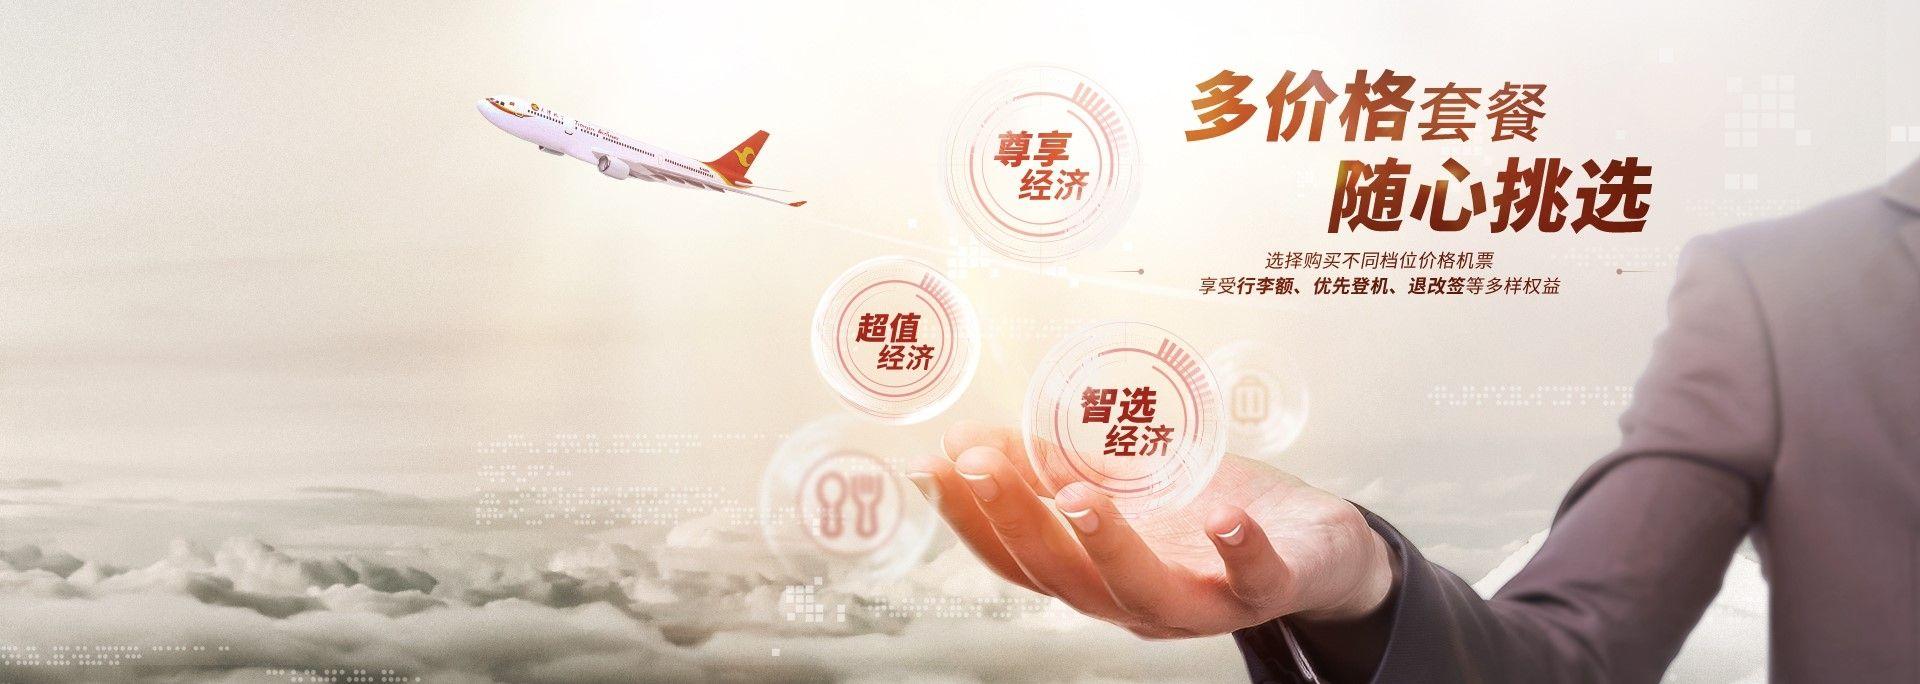 天津航空推出国际航线经济舱全新多等级品牌运价体系